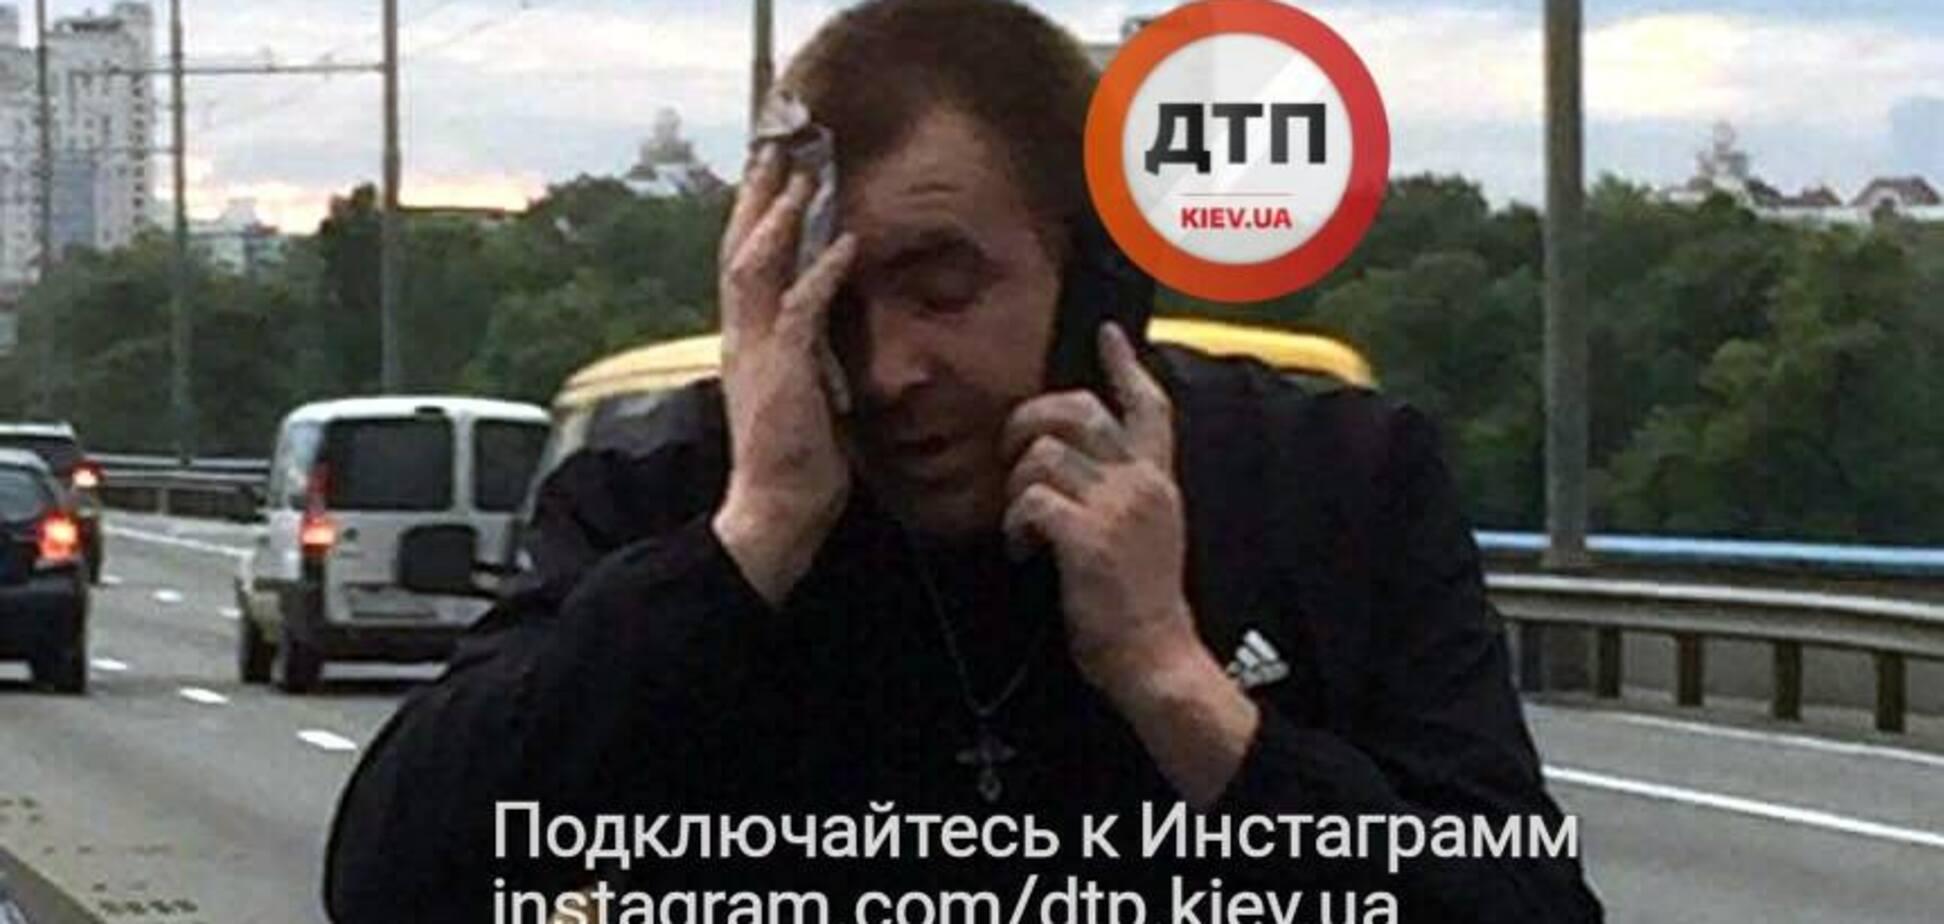 'Нещодавно вийшов із зони': в Києві п'яний таксист під наркотиками протаранив авто